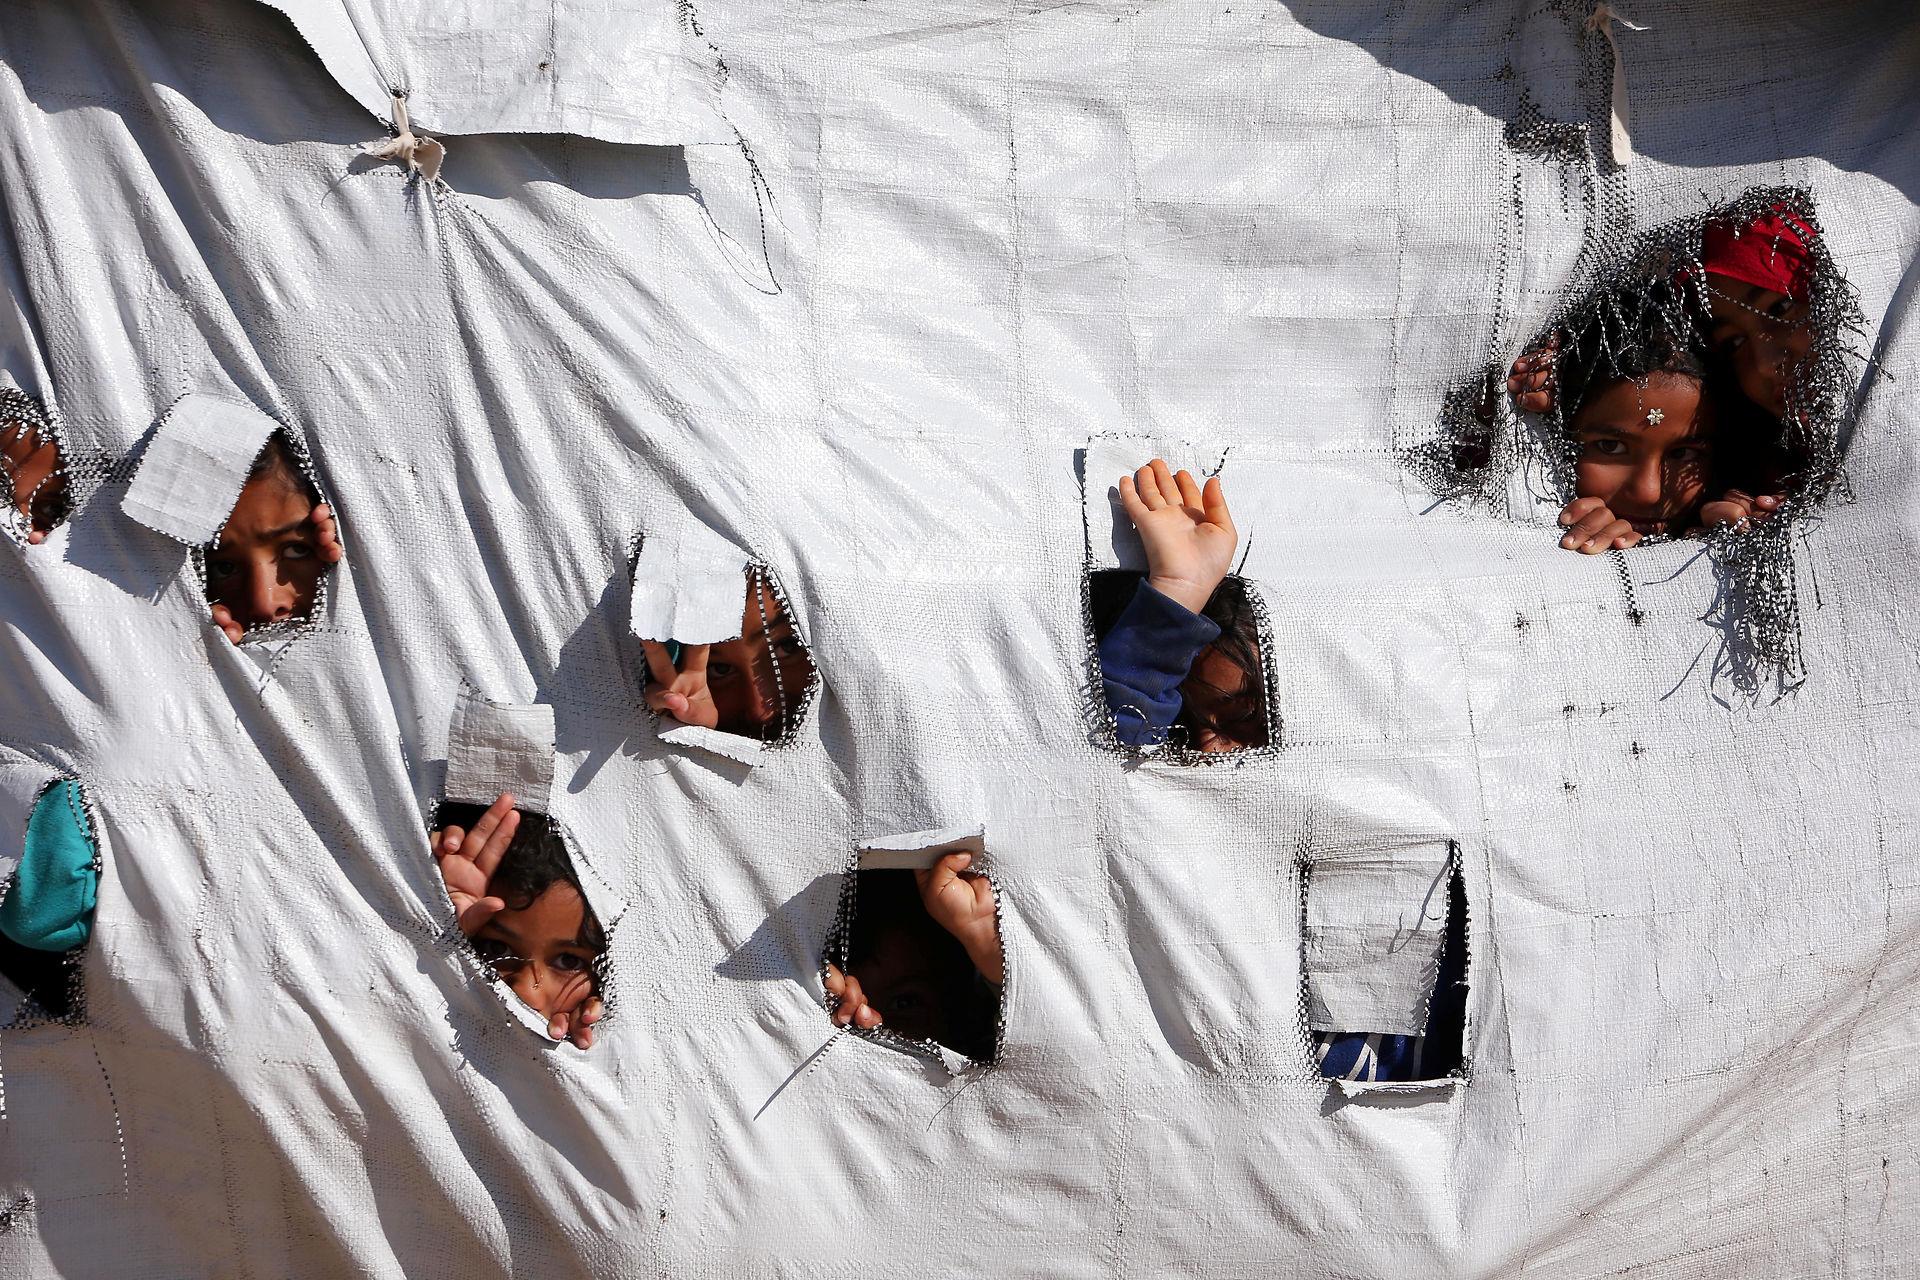 Anders' billeder blev slettet i Syrien: Fredag vandt han en pris for dem 1